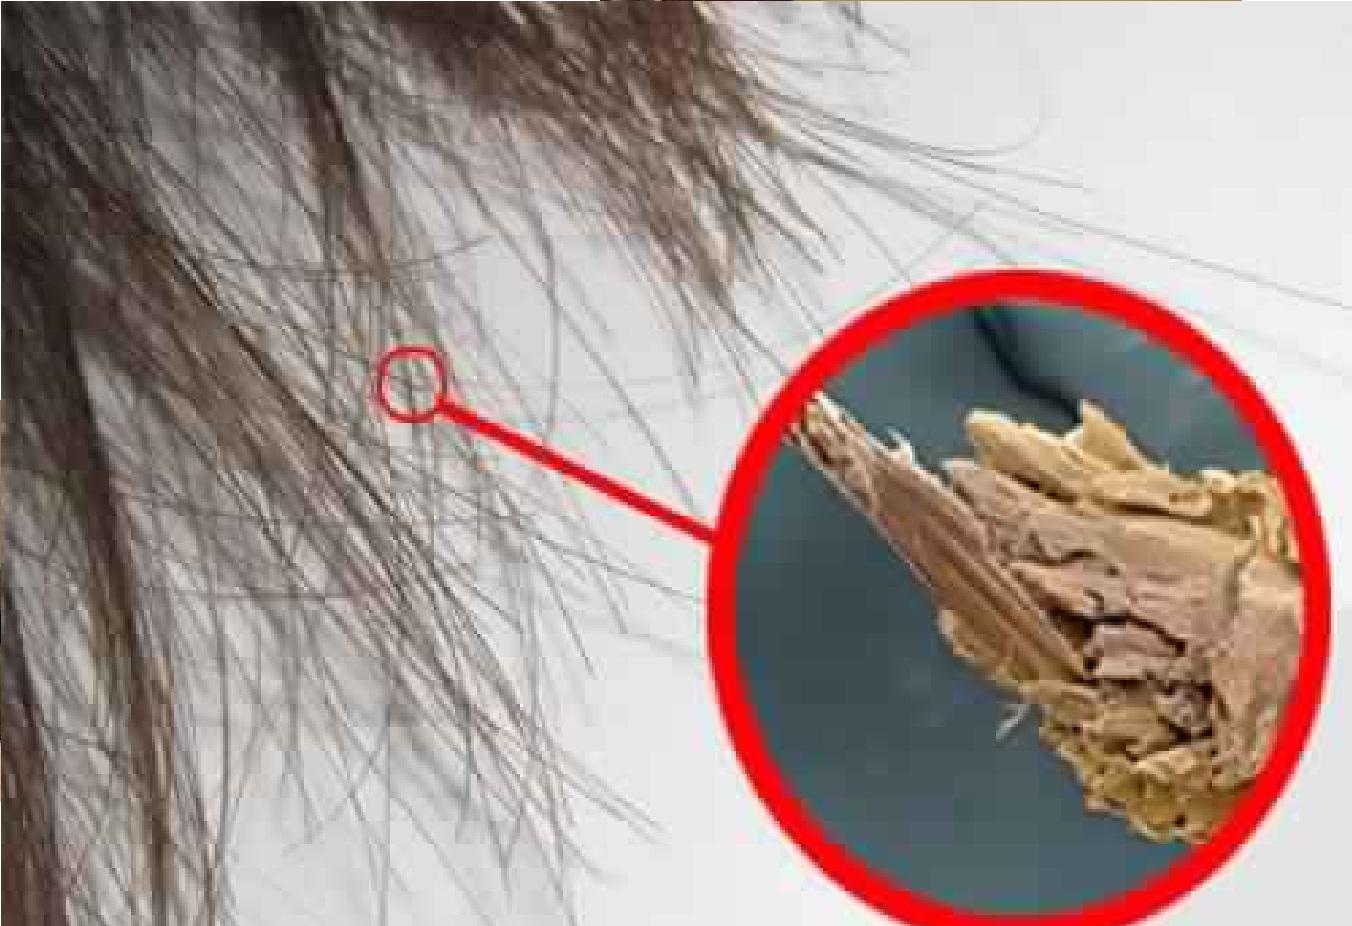 Faire pousser les cheveux 2x plus vite pourquoi le jus d 39 oignon fait pousser les cheveux plus vite - Faire pousser des oignons ...